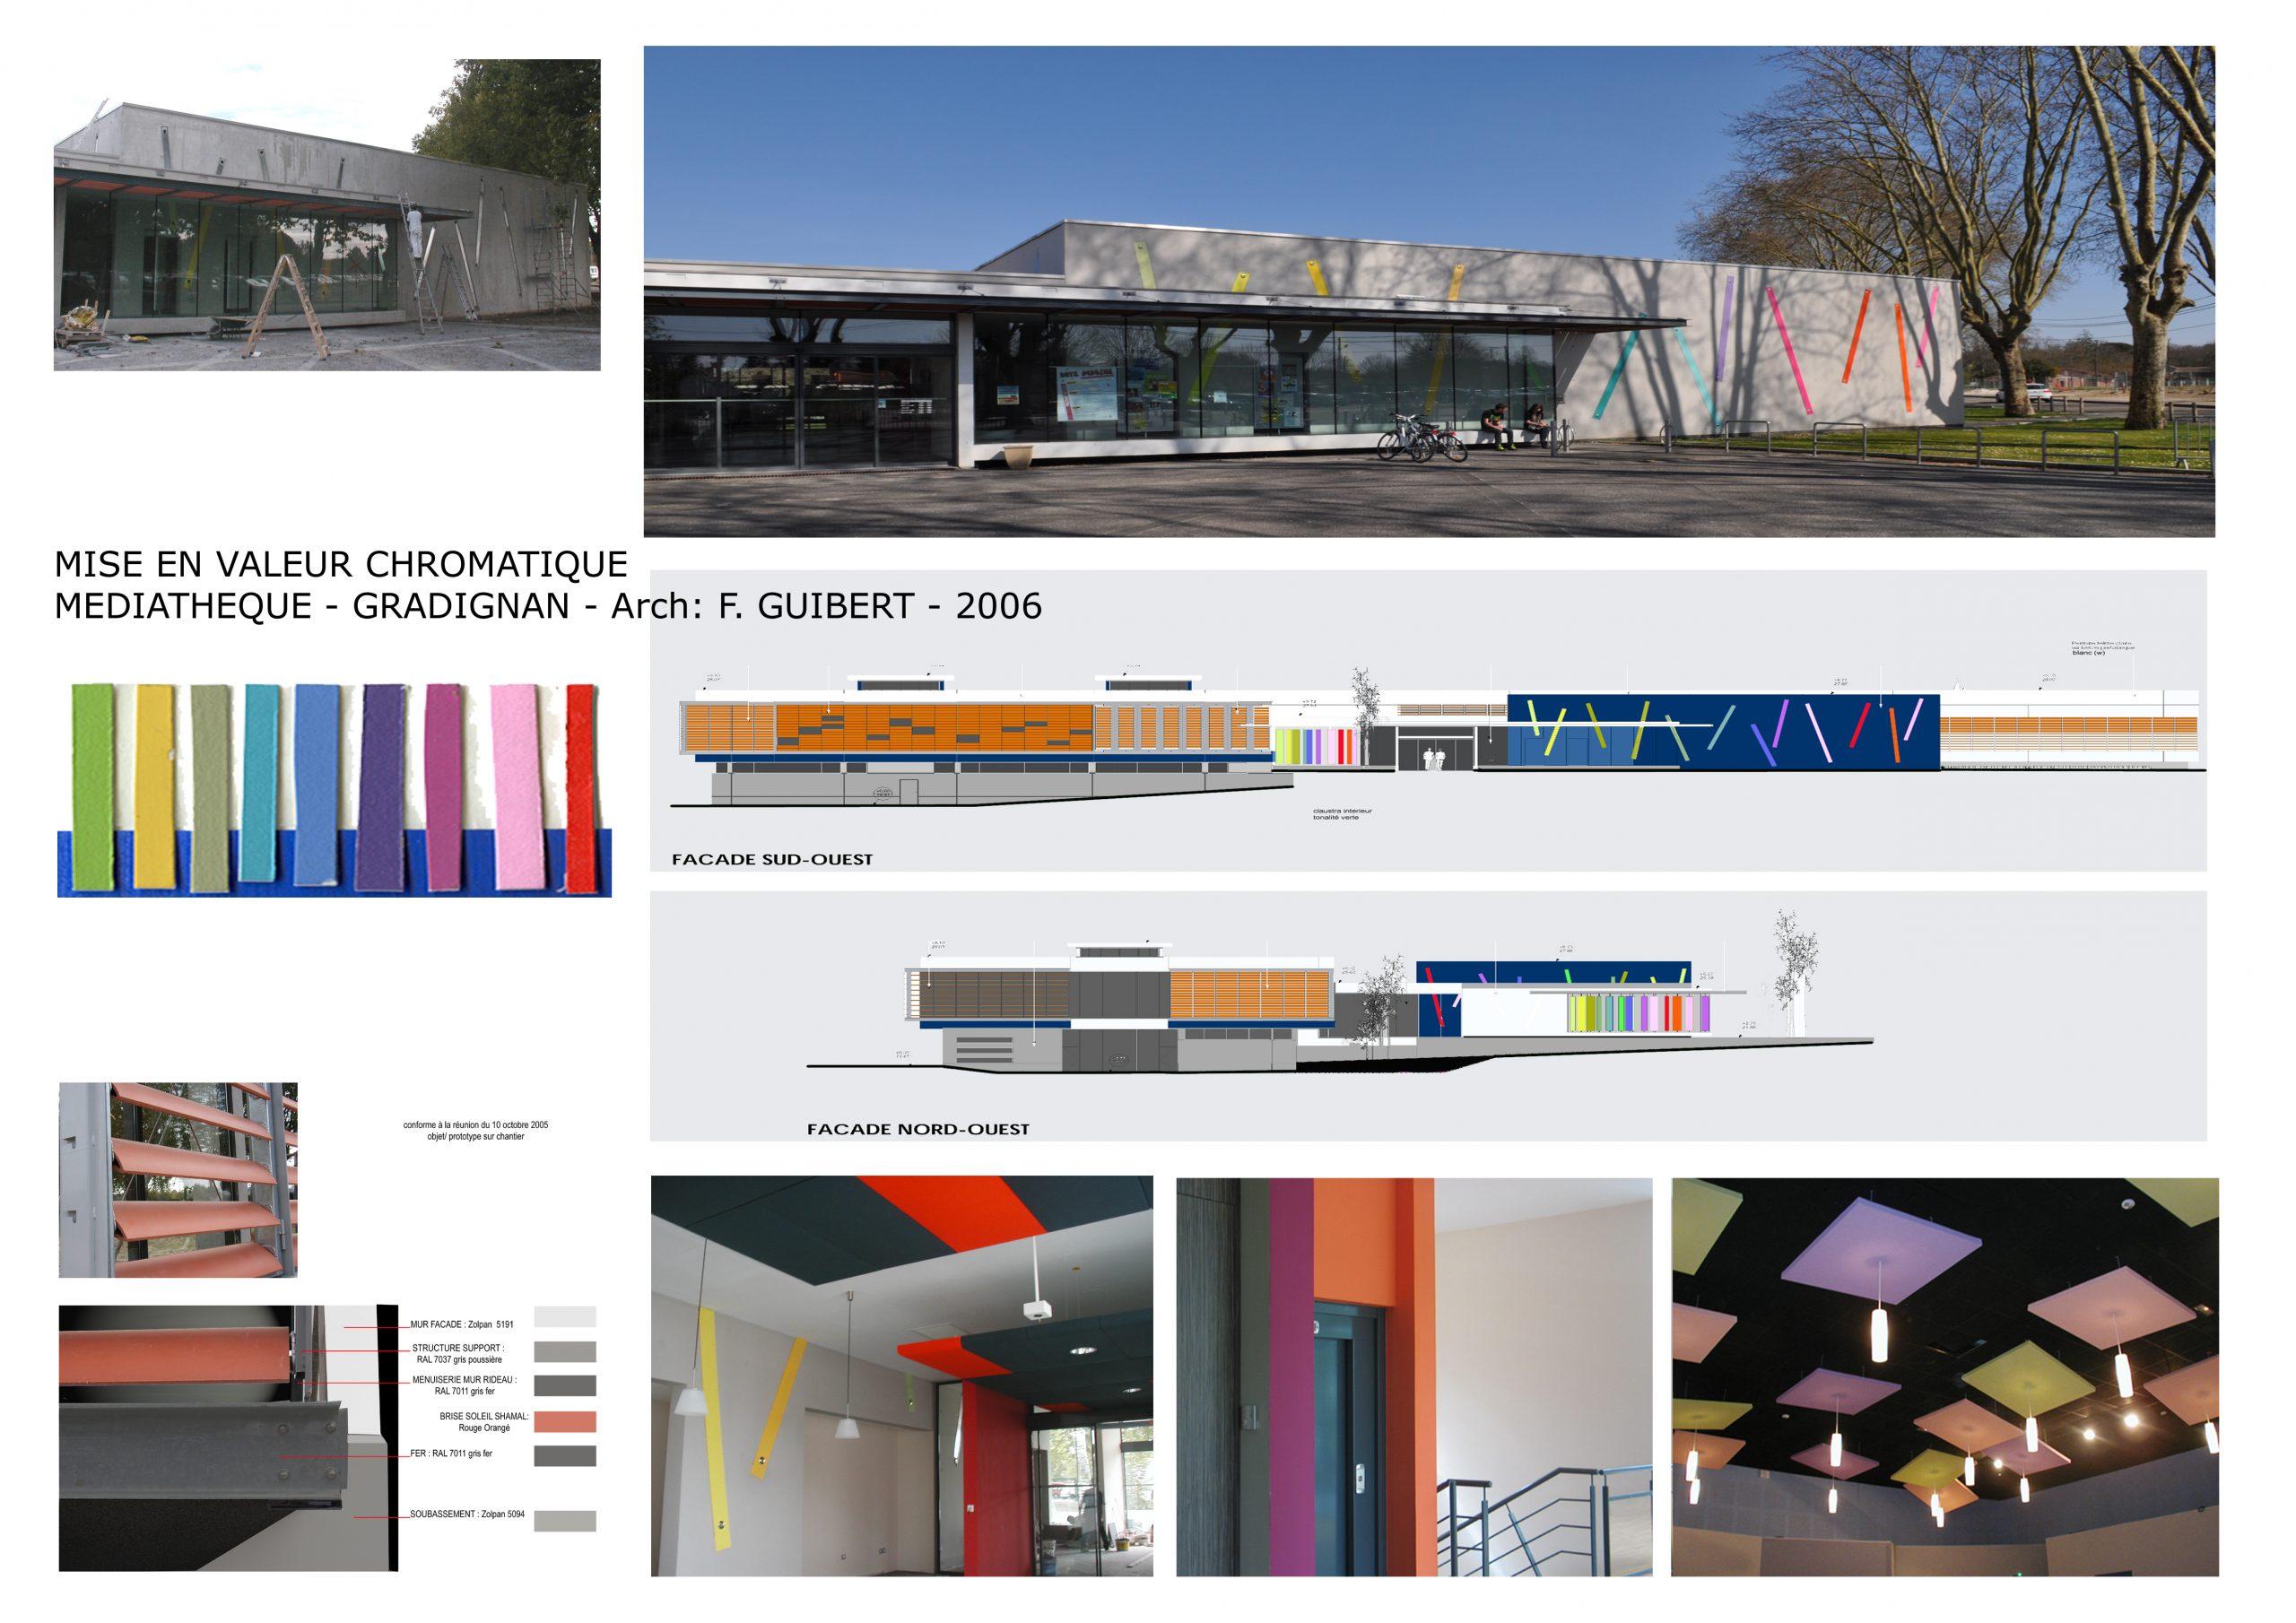 Médiathèque Gradignan-polychromie architecturale-arch François Guibert